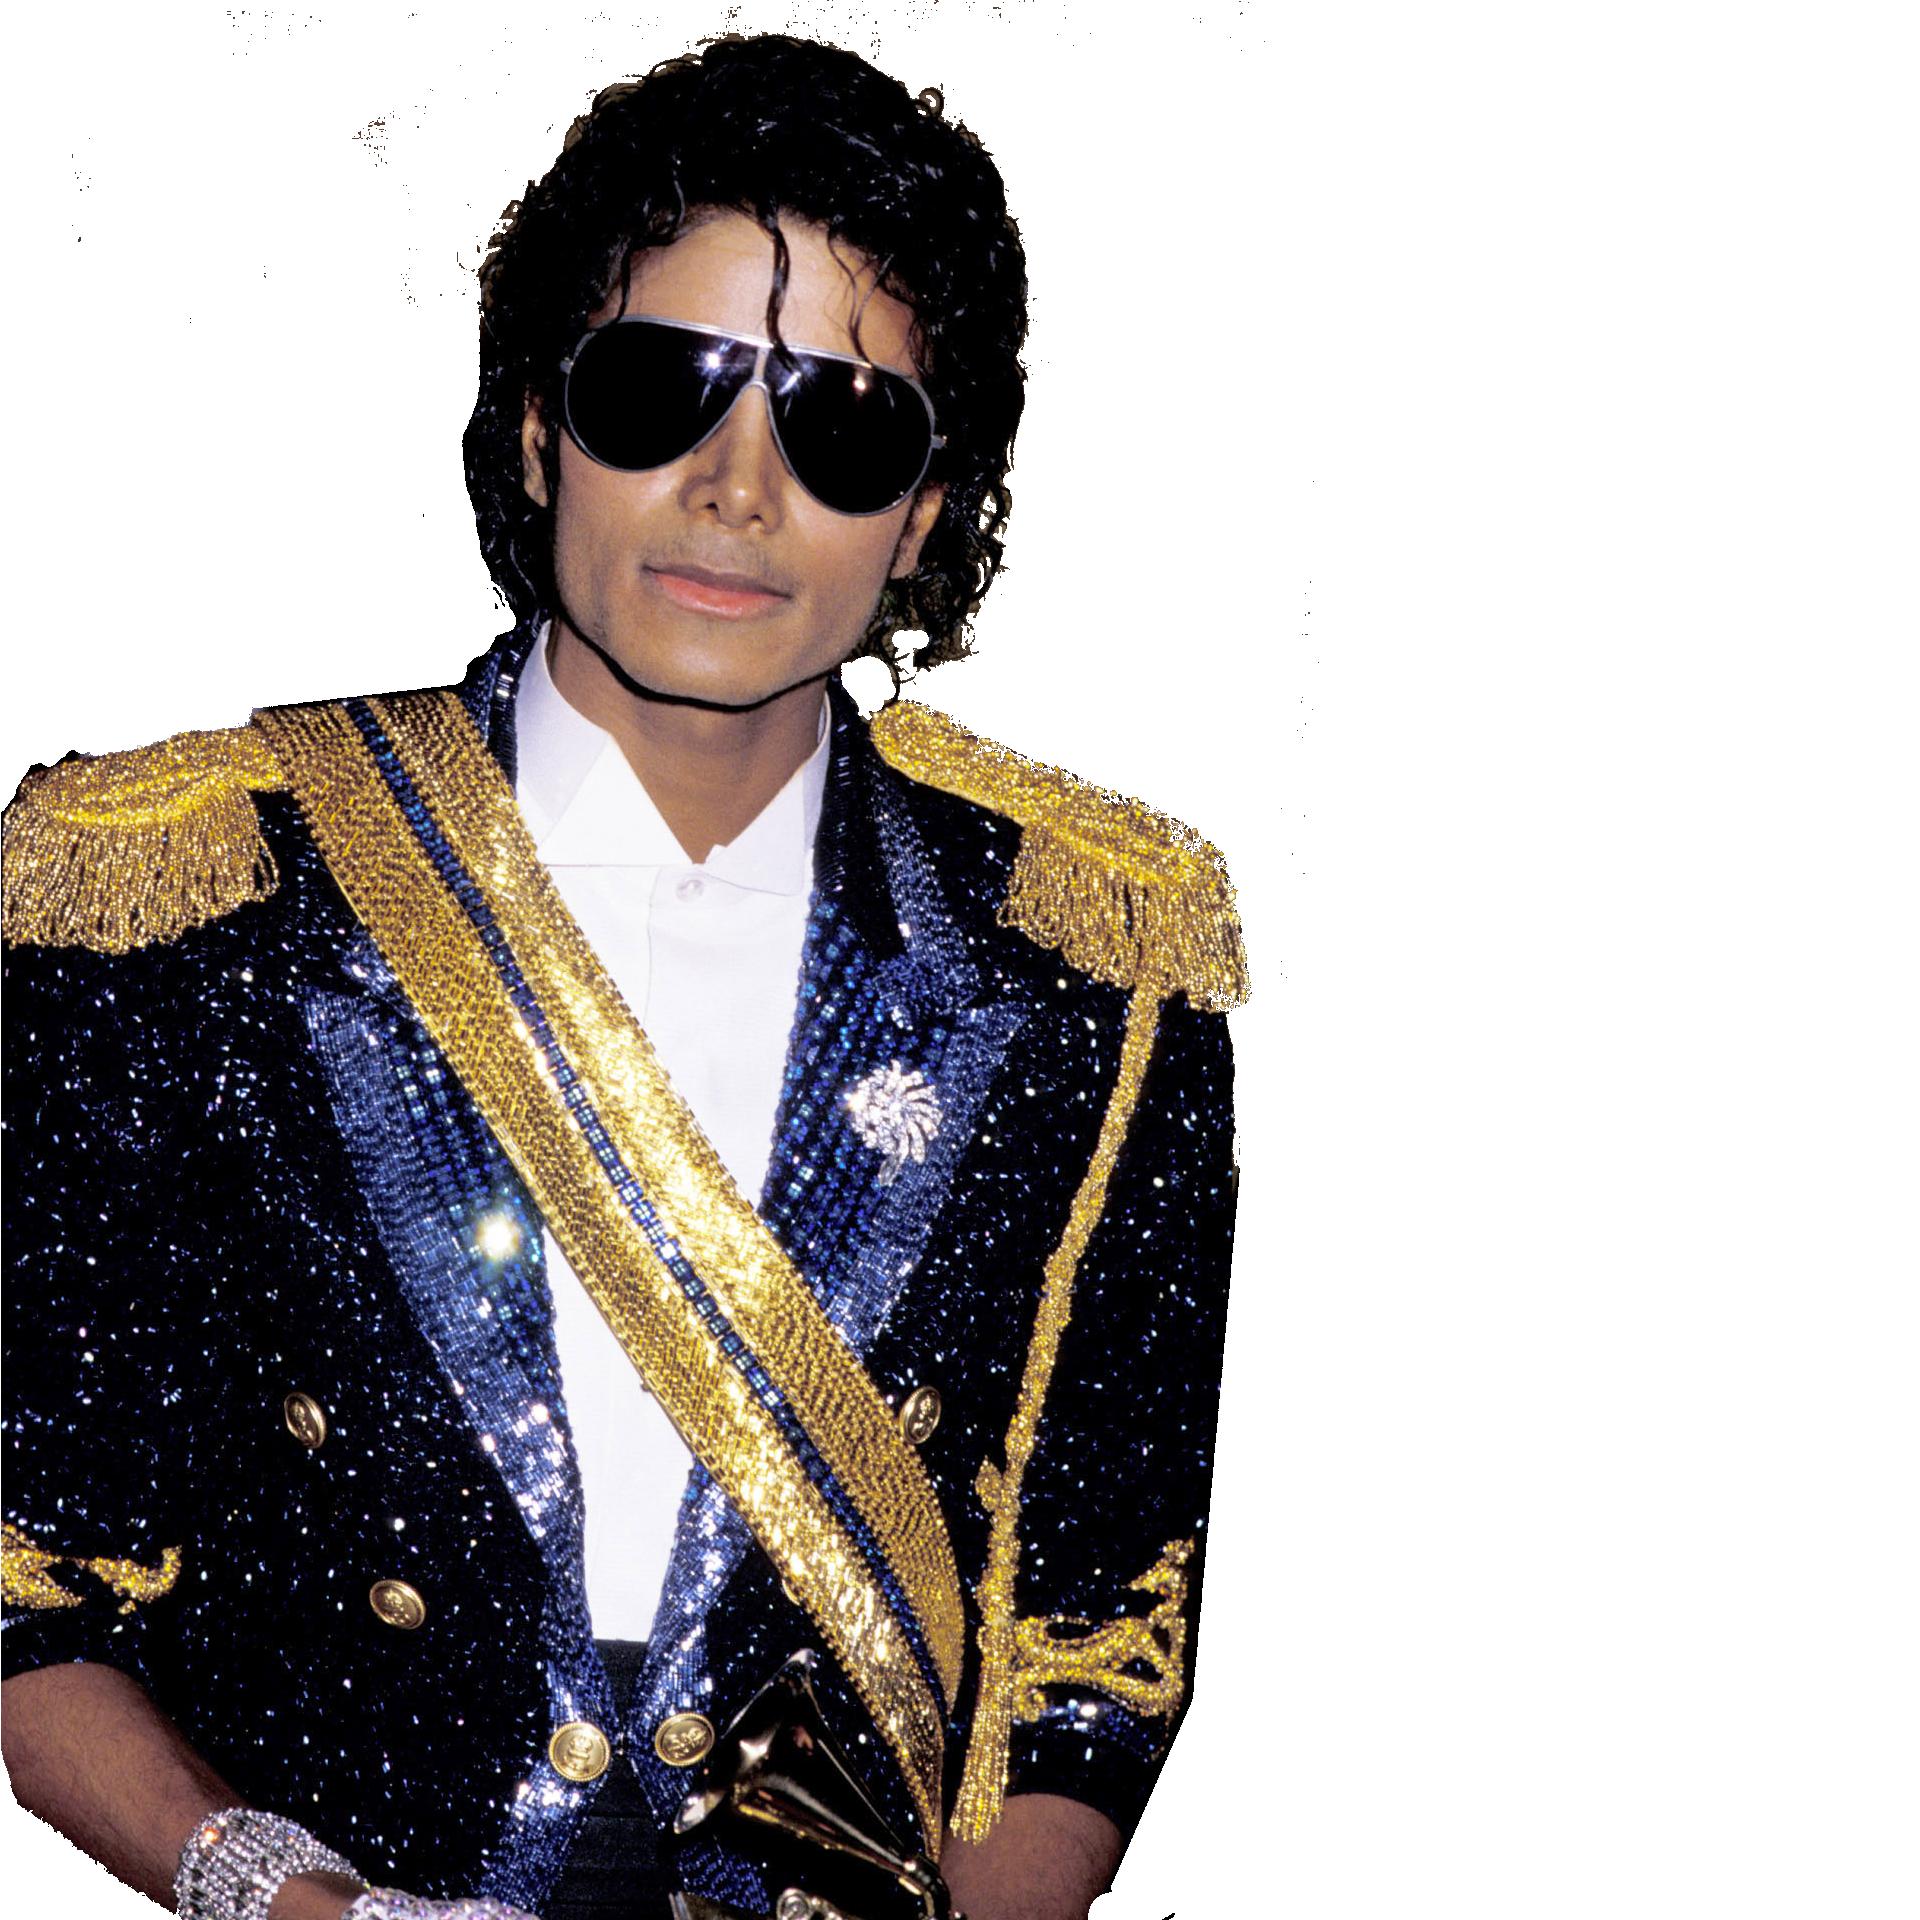 Michael Jackson PNG Image.